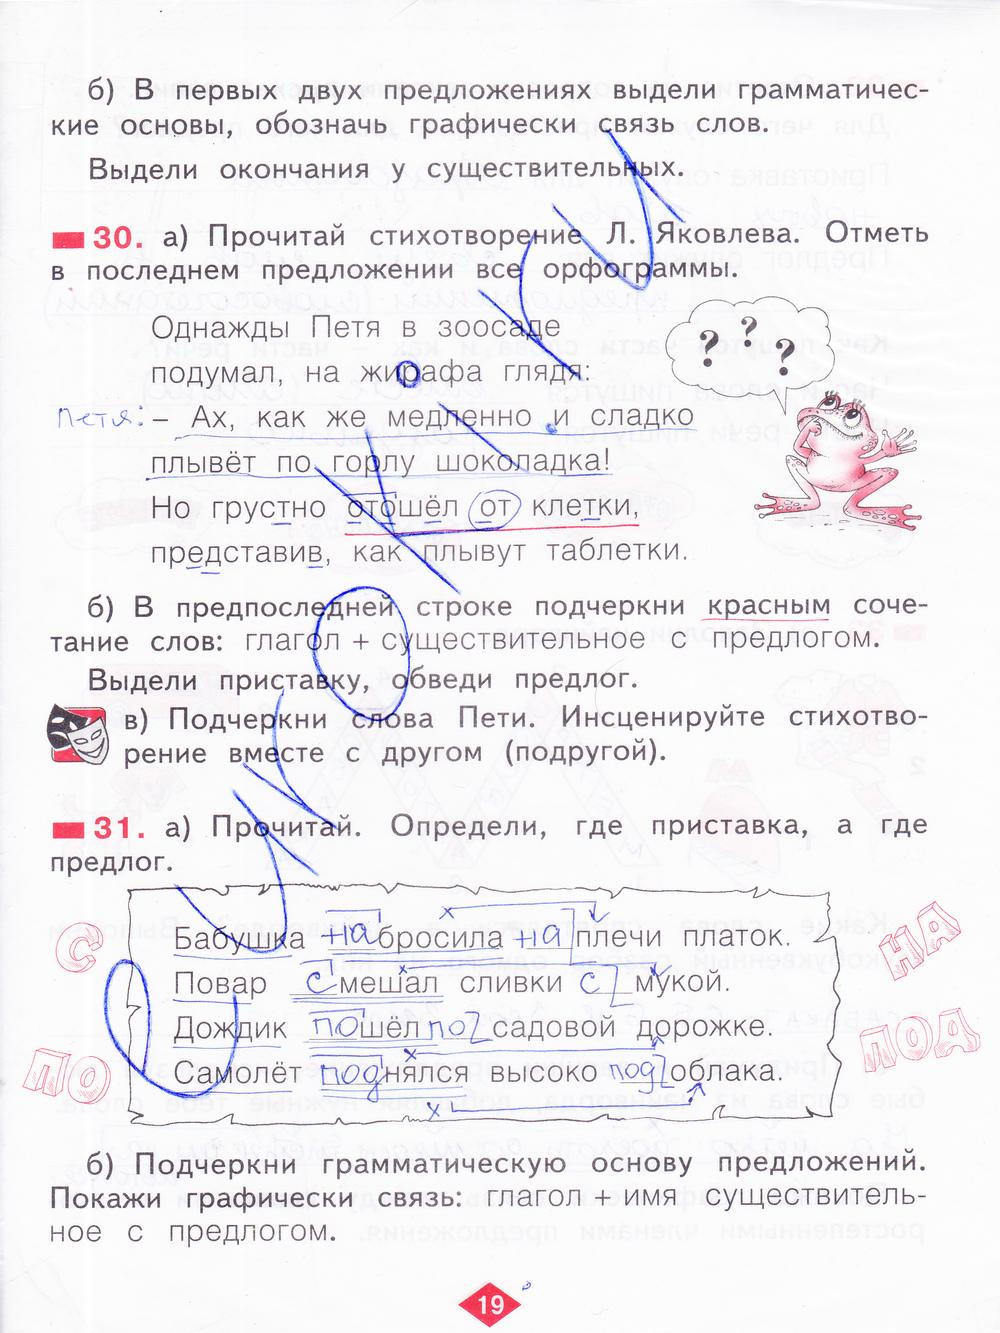 Гдз По Русскому Языку 2 Класс Яковлева Рабочая Тетрадь 2 Часть Ответы